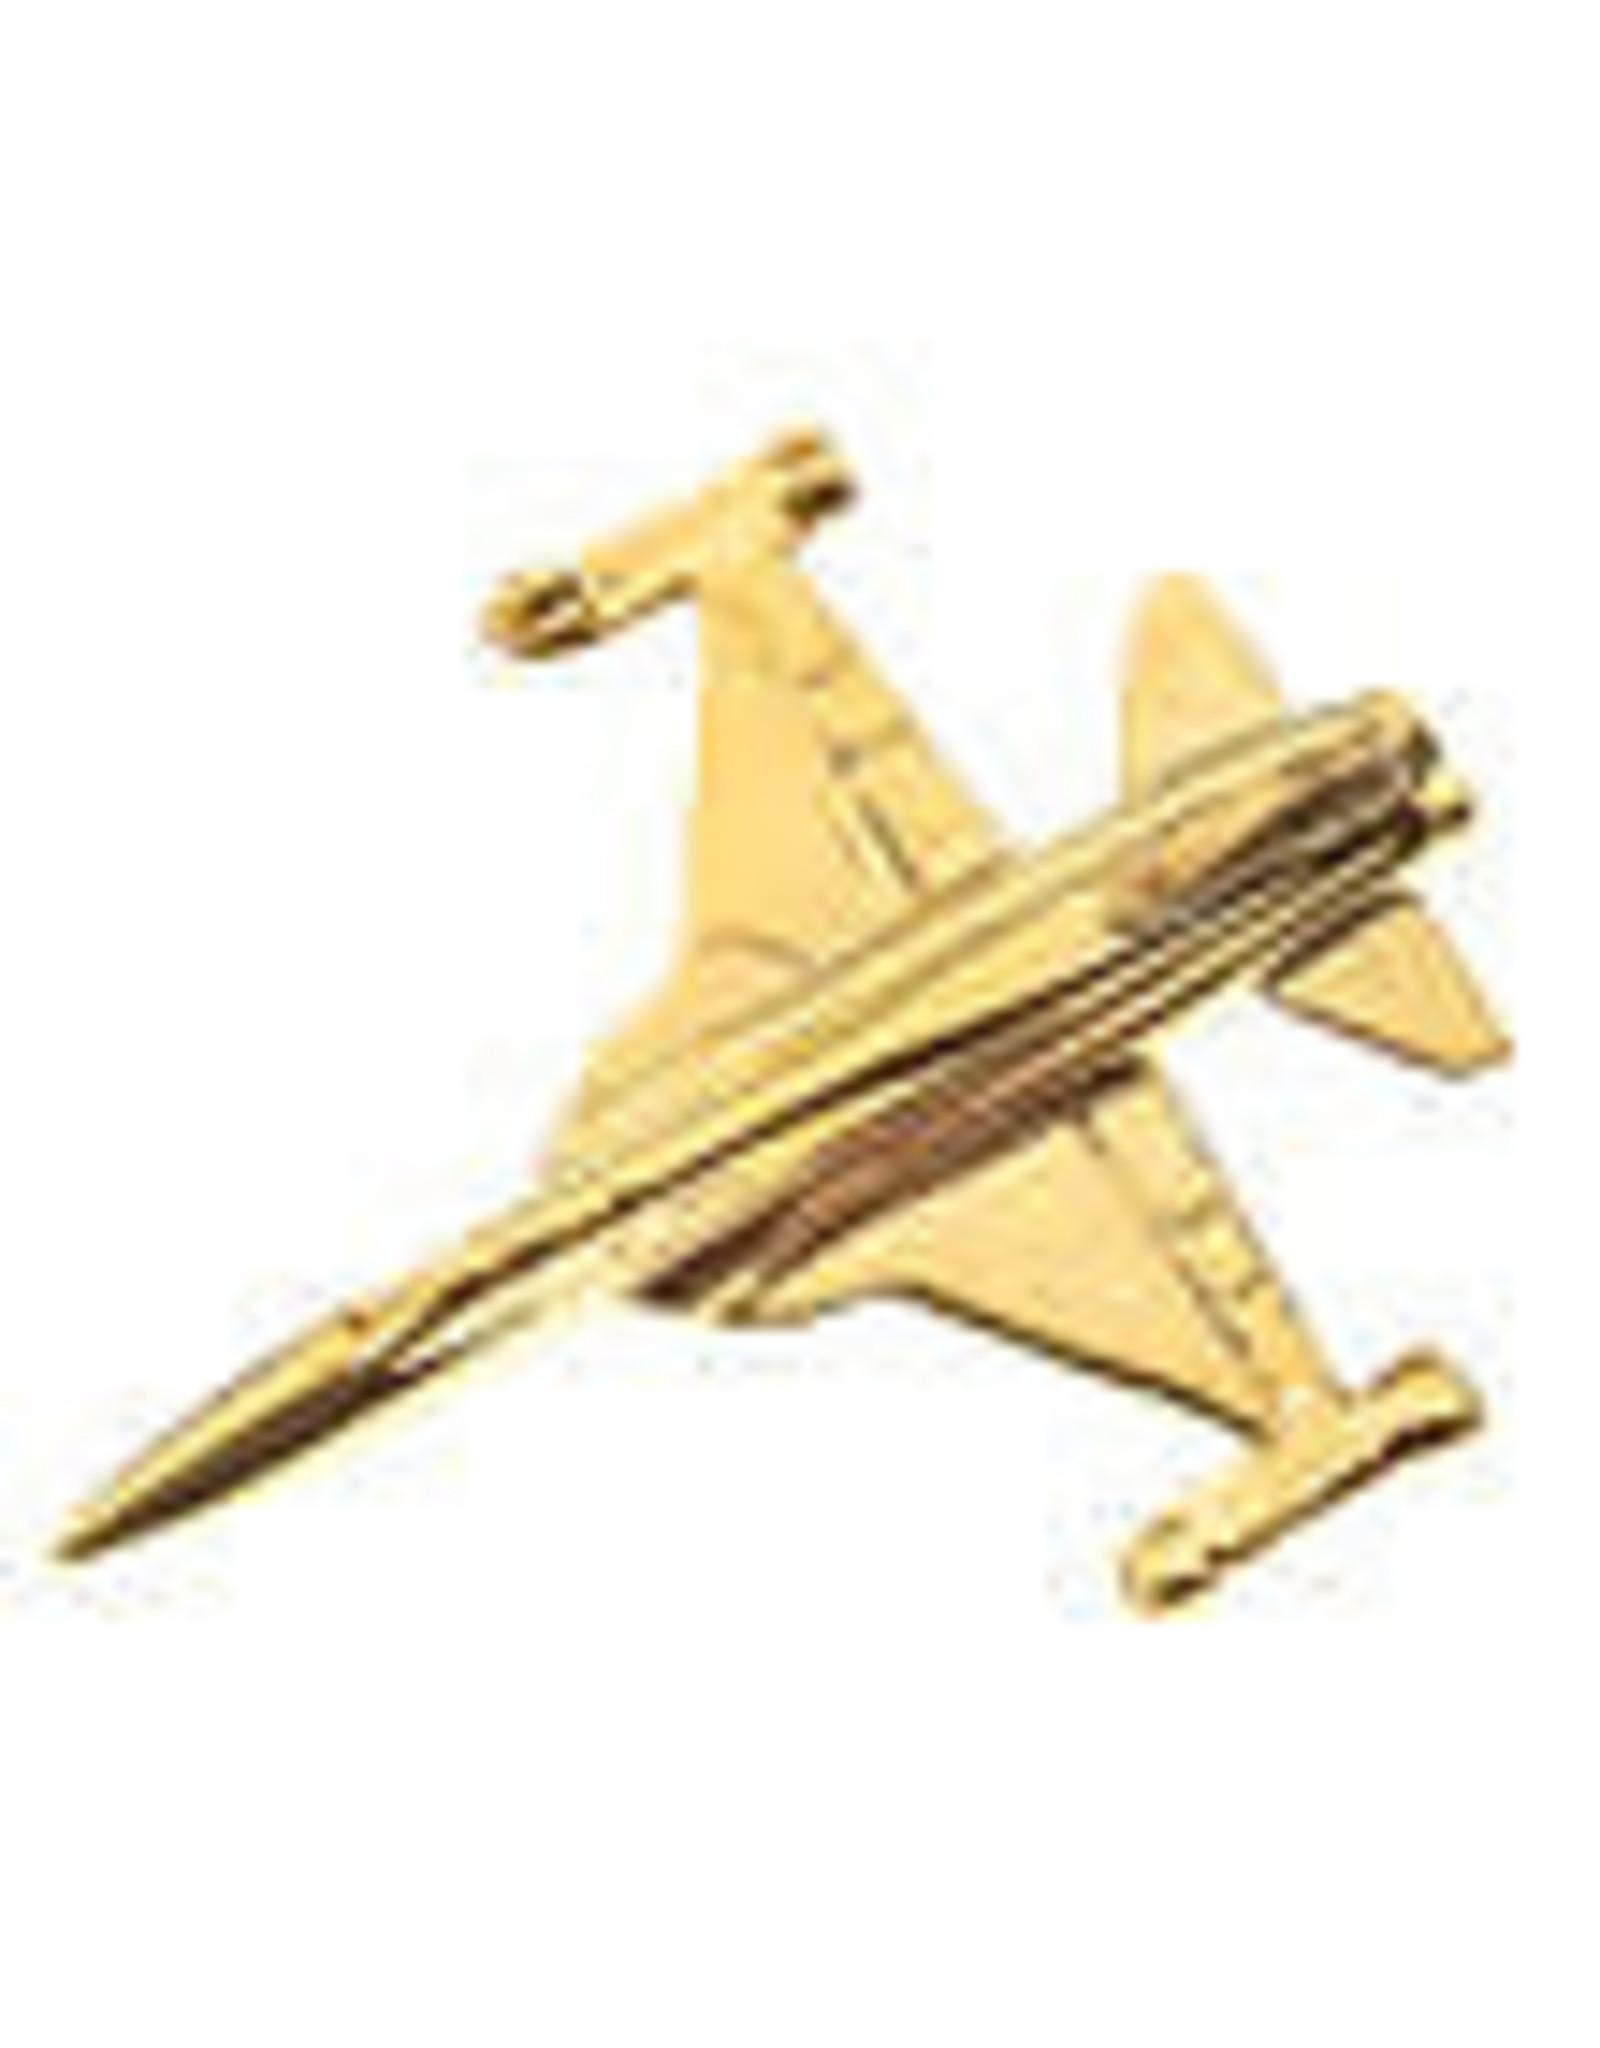 Clivedon Pin Badge F-5 Tiger II, Pin, gold